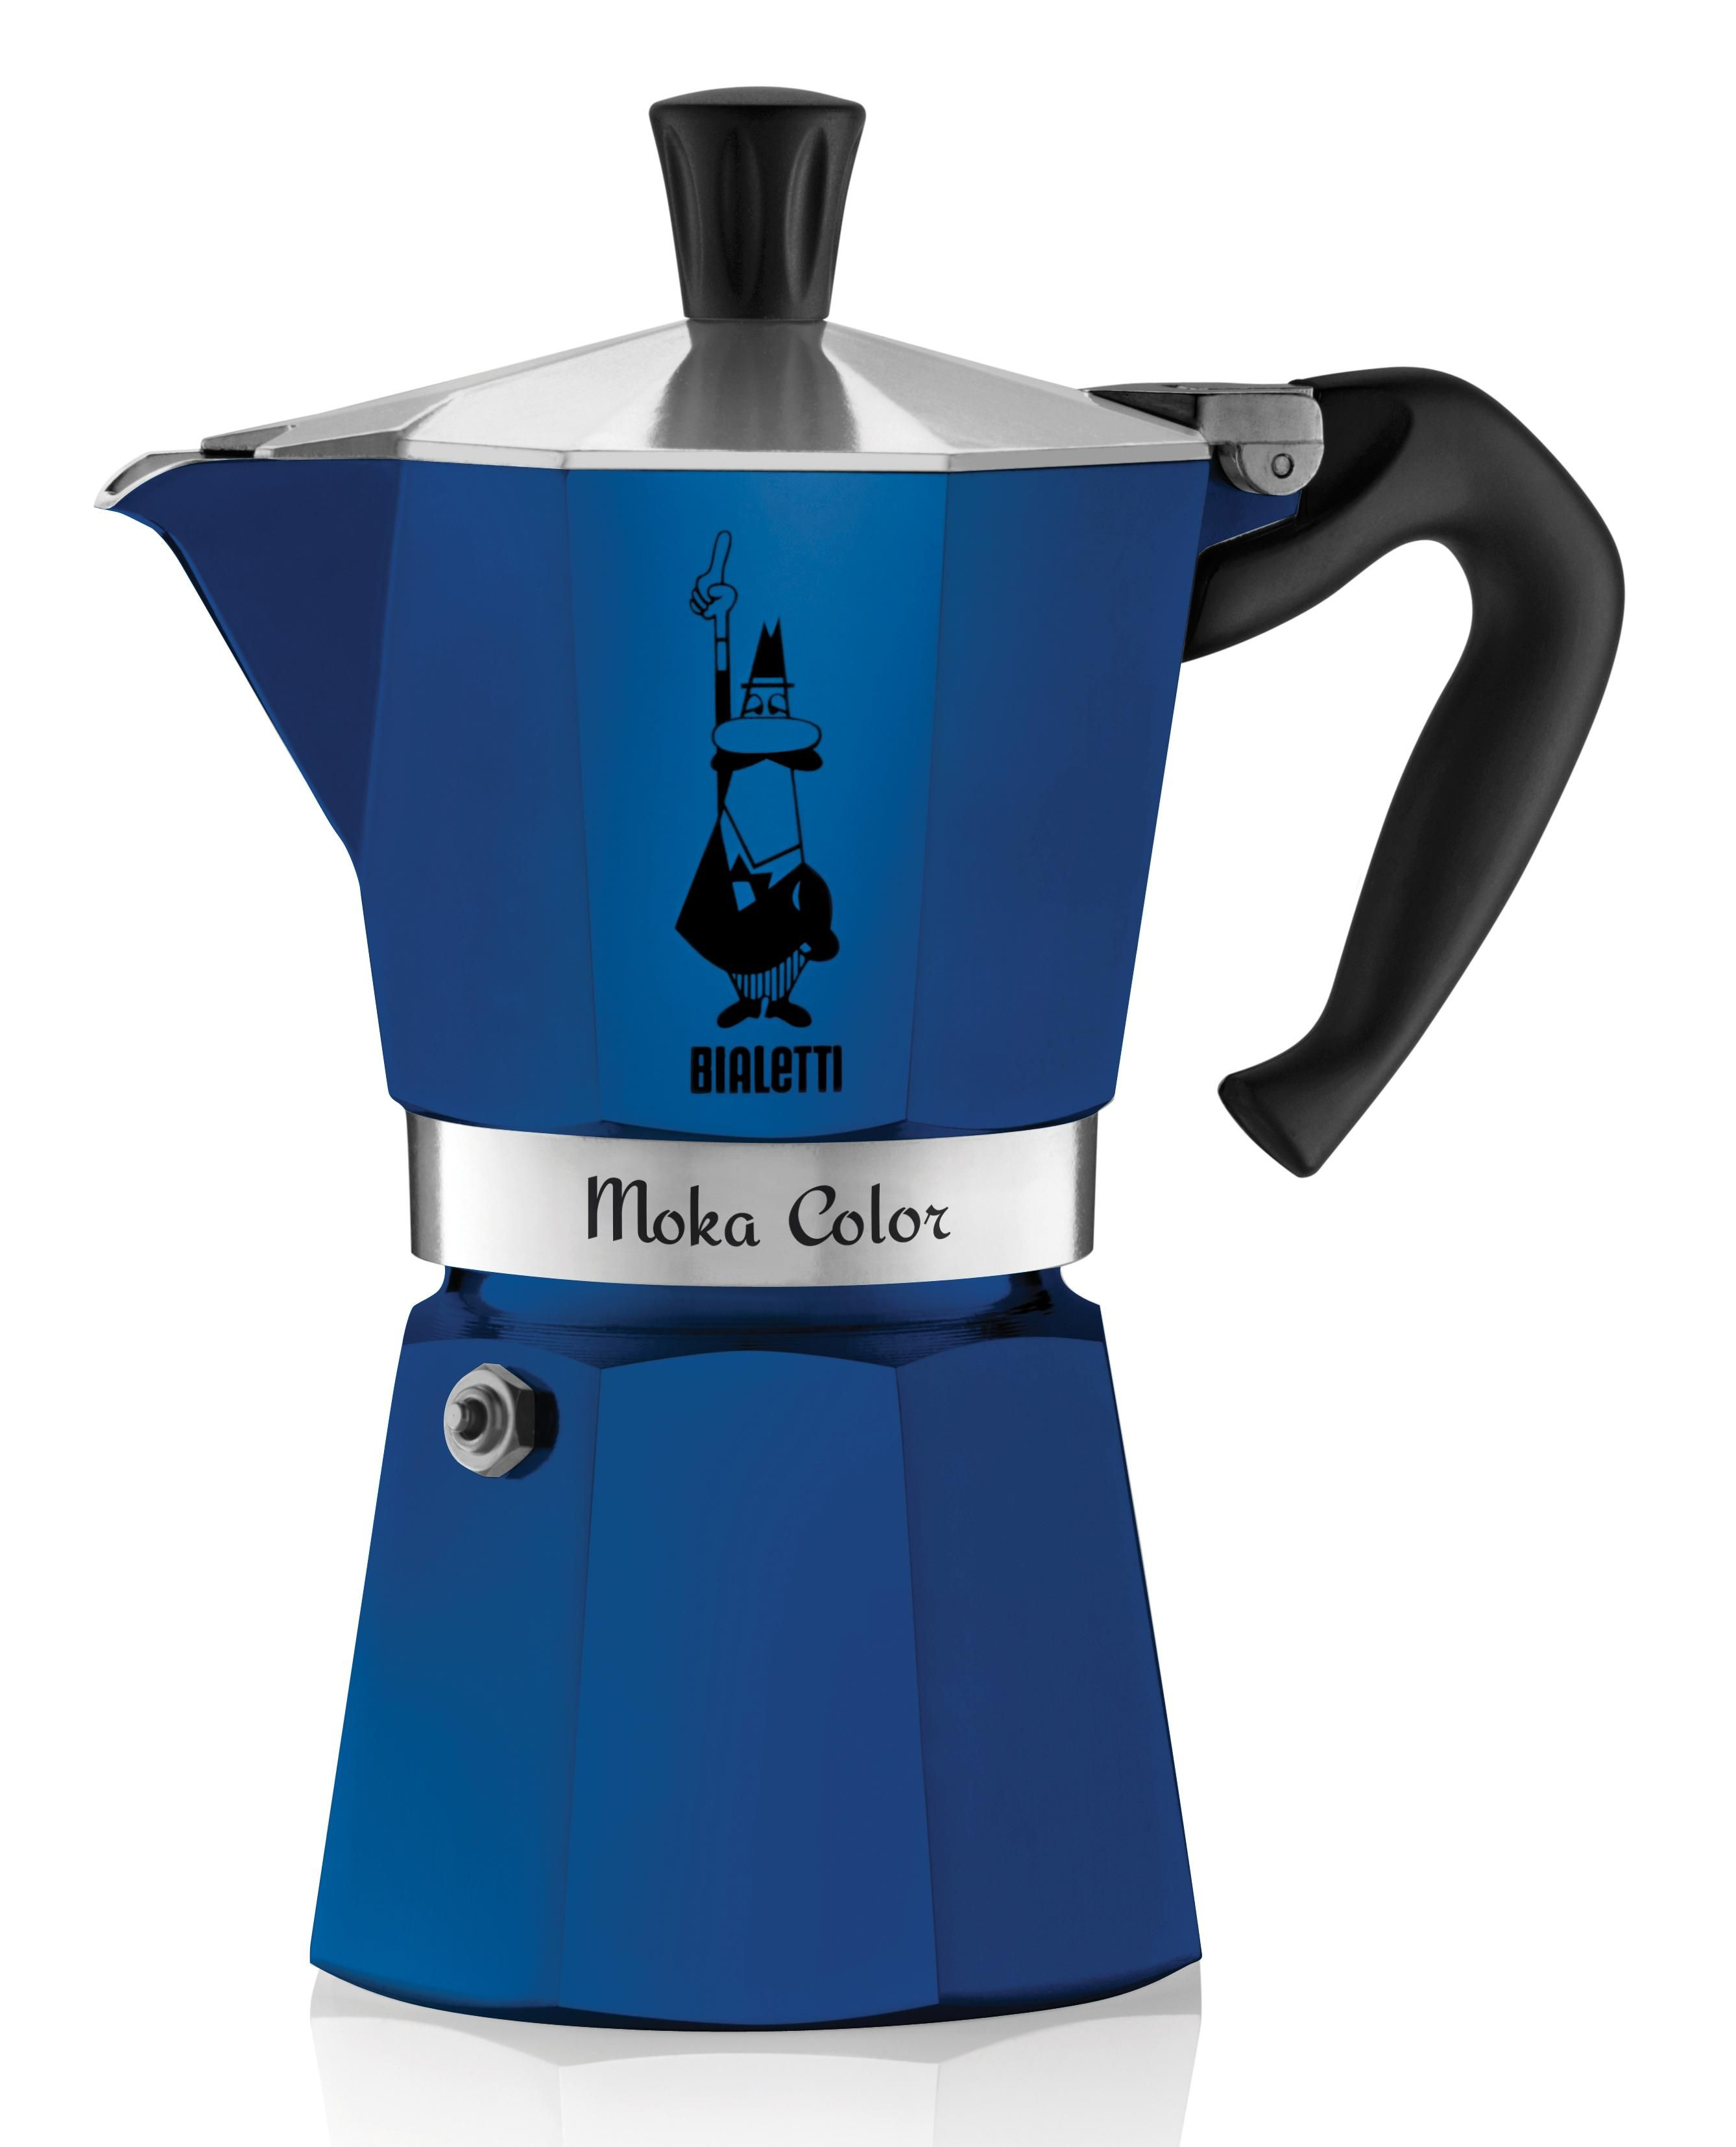 Bialetti 06905 6Cup Espresso Coffee Maker